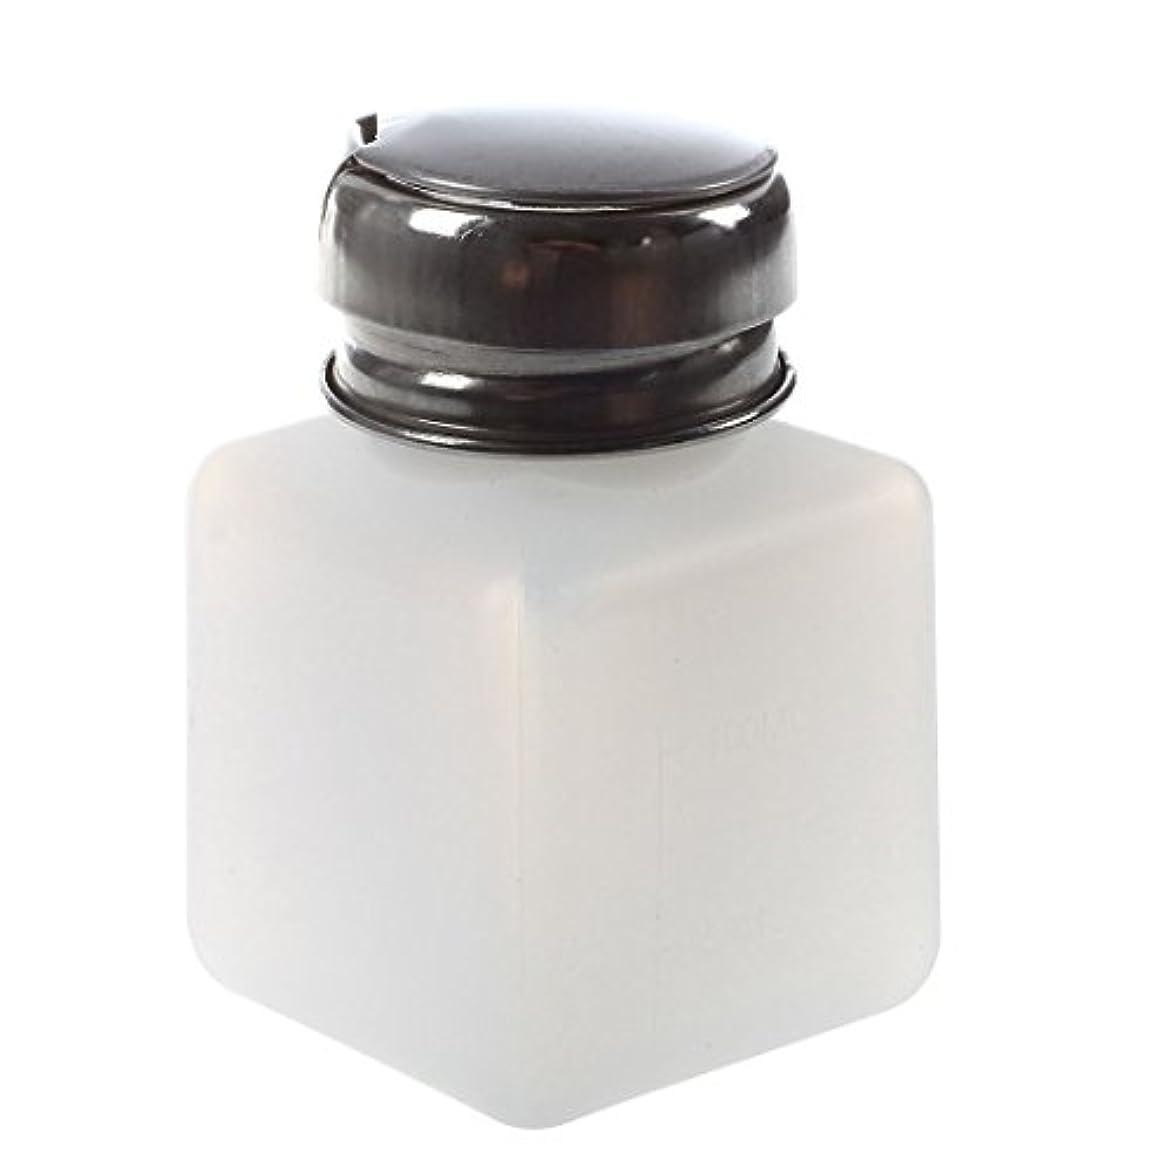 ストッキング直面する愛情ACAMPTAR エンプティーポンプディスペンサー ネイルアート研磨リムーバー 100MLボトル用 (ホワイト)